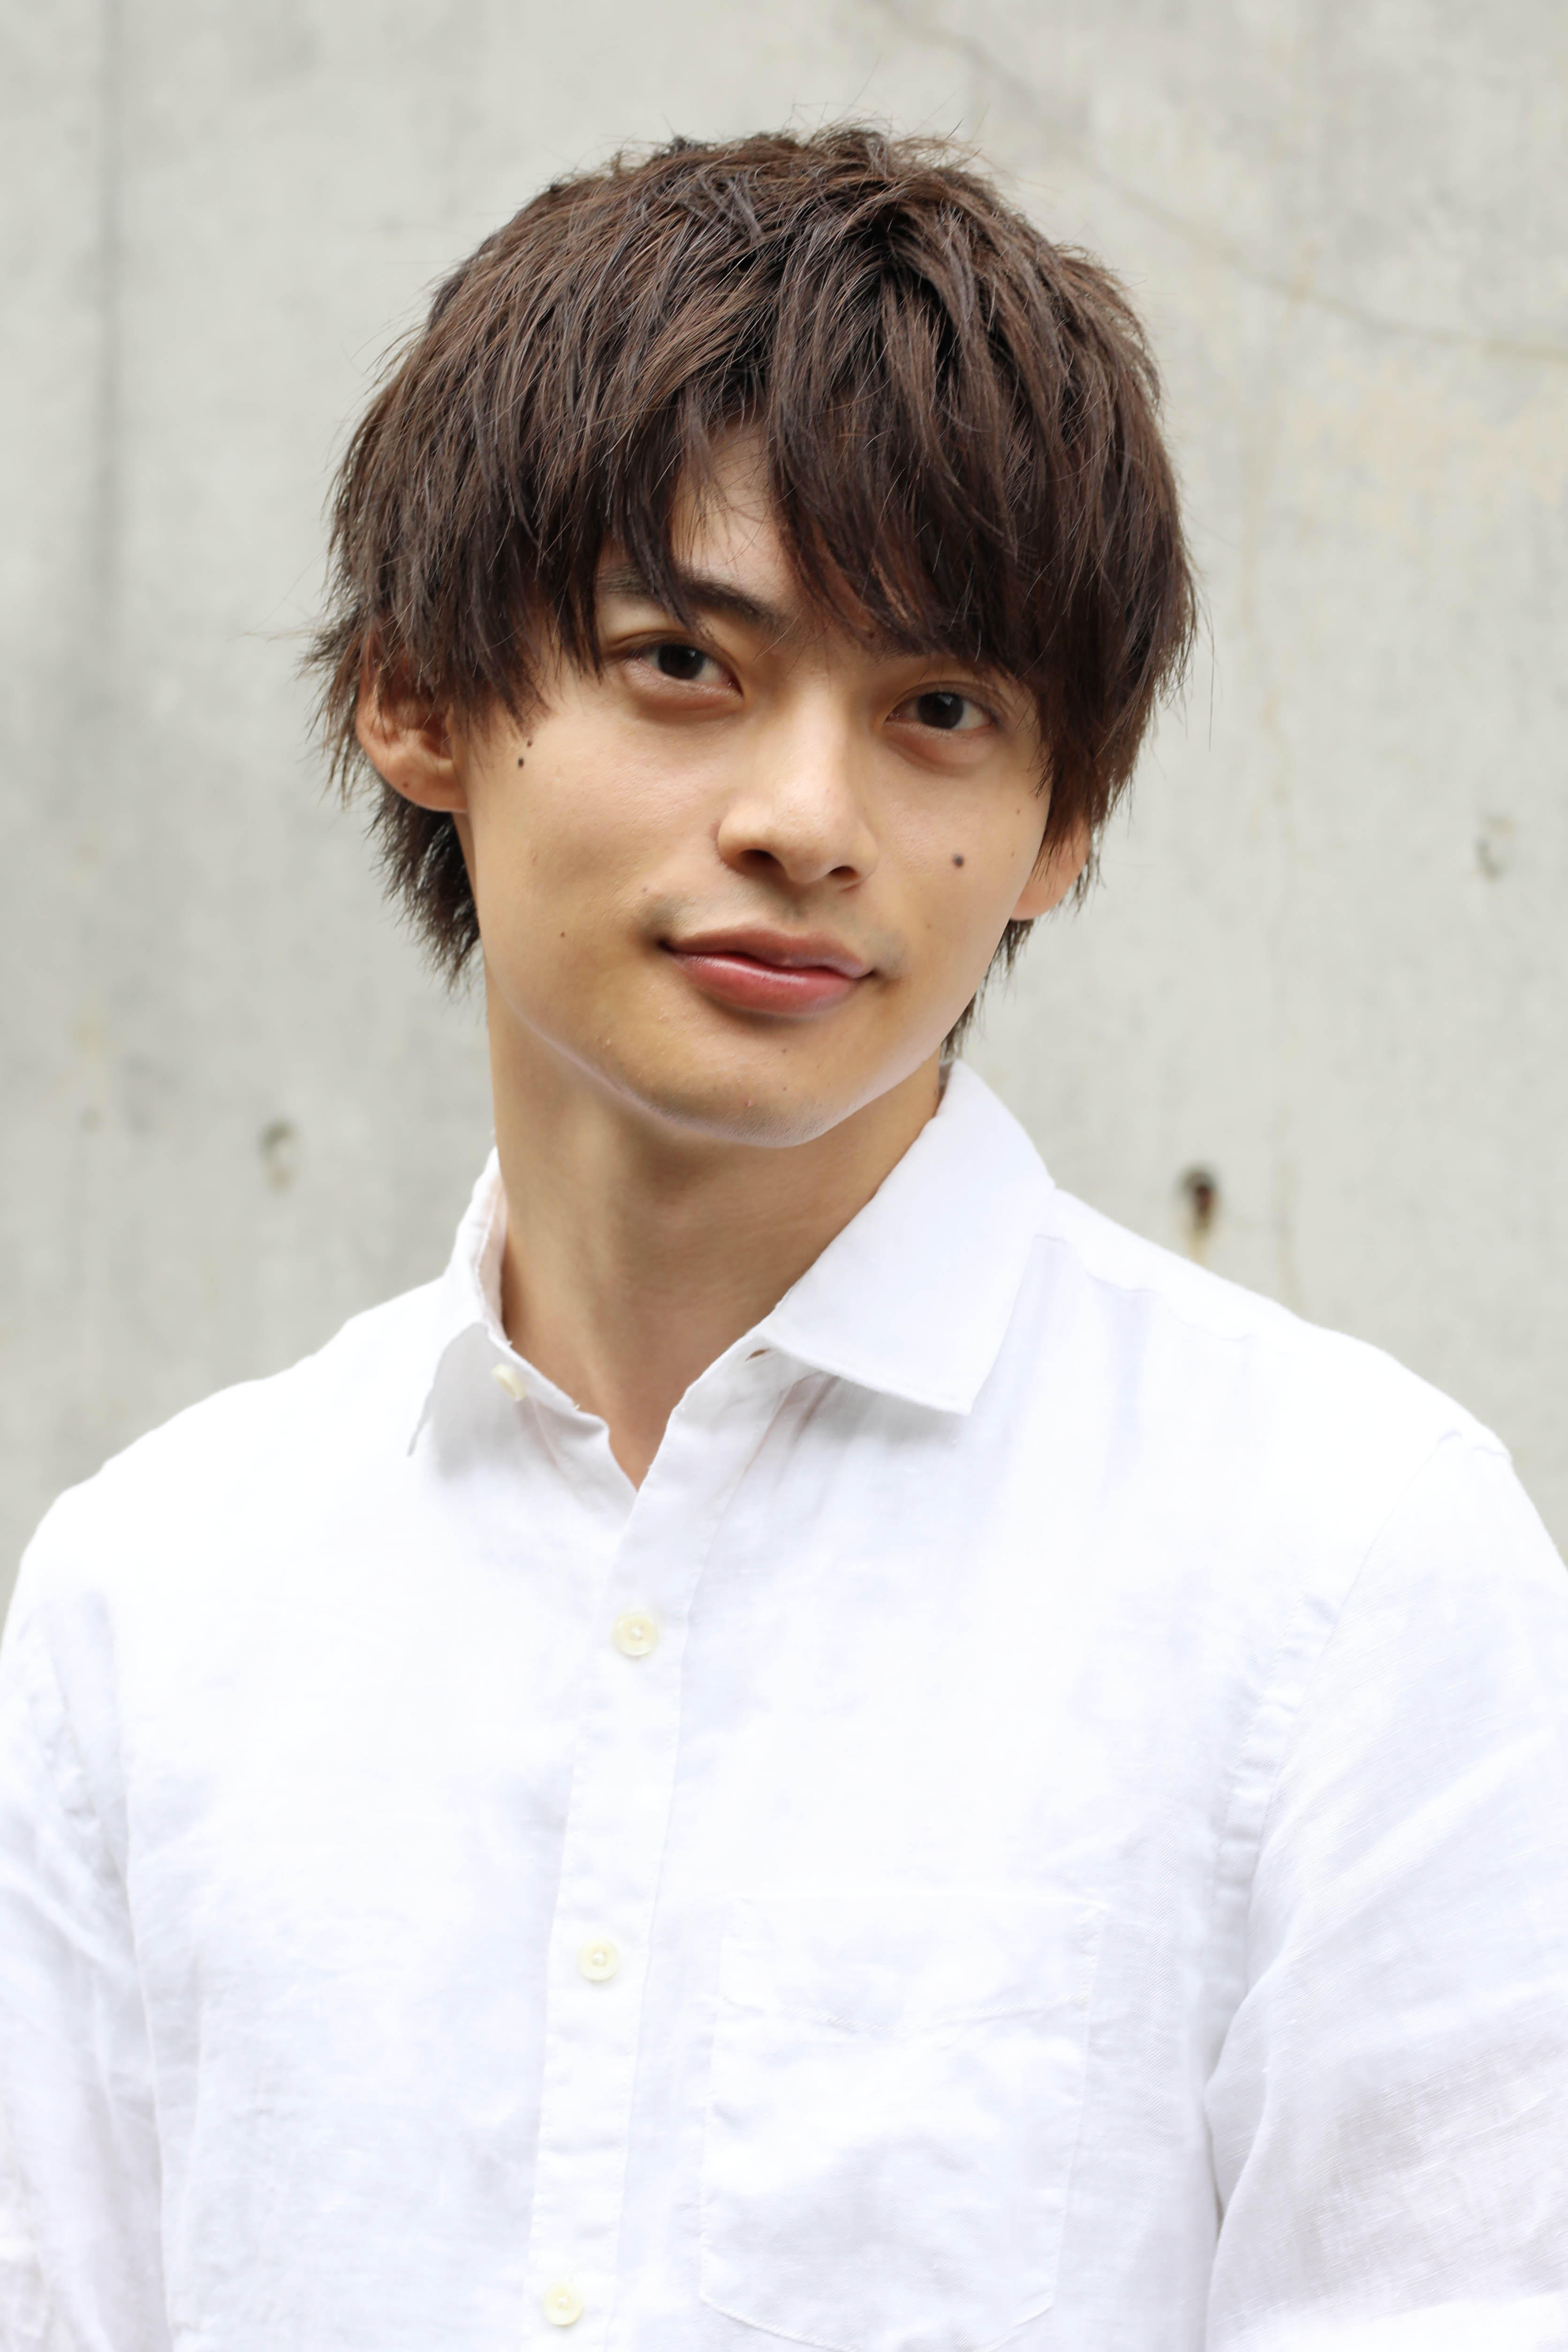 平田雄也さん